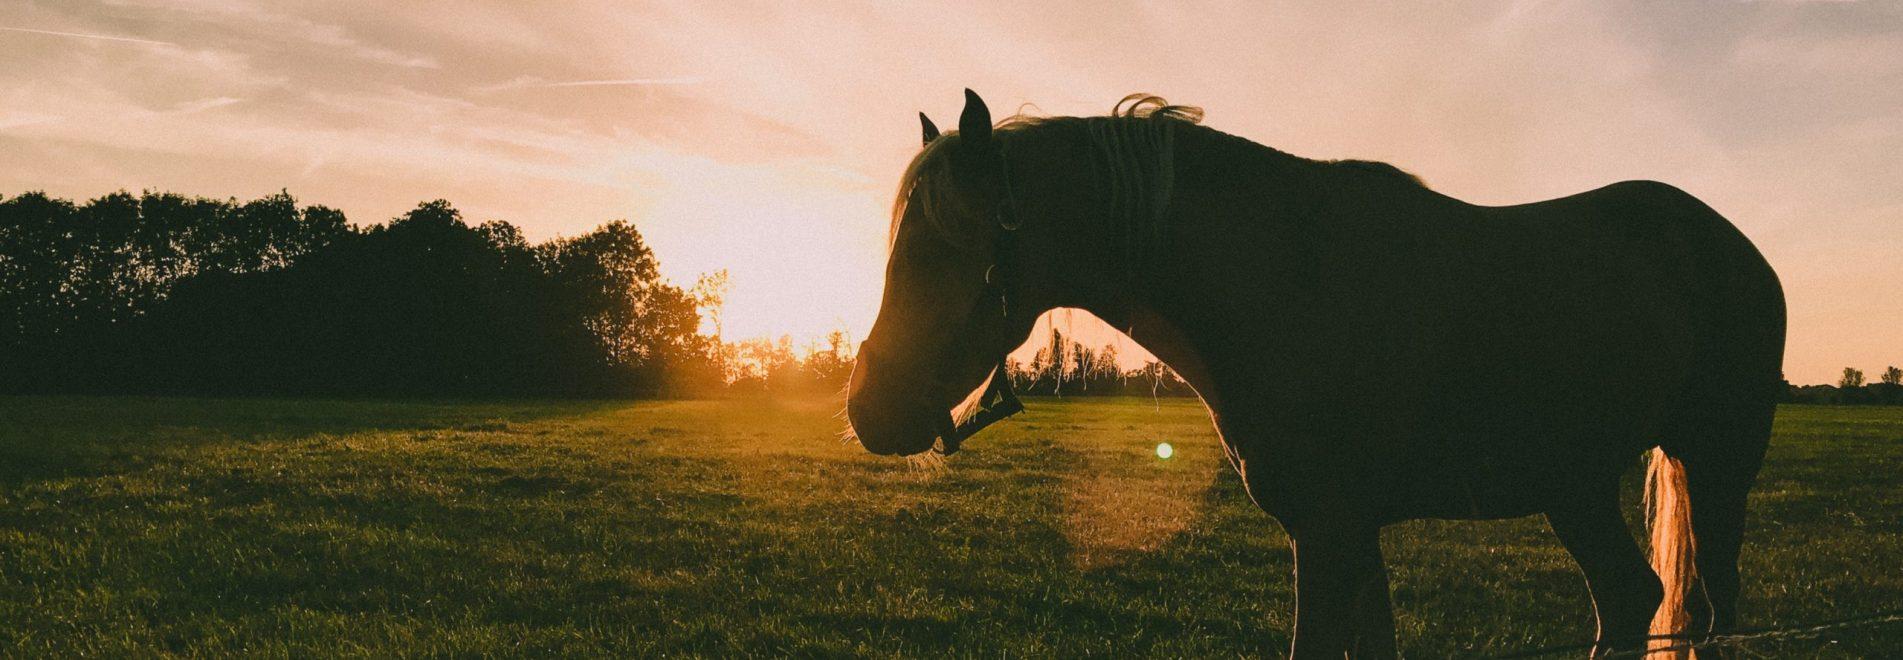 Pferd&Land